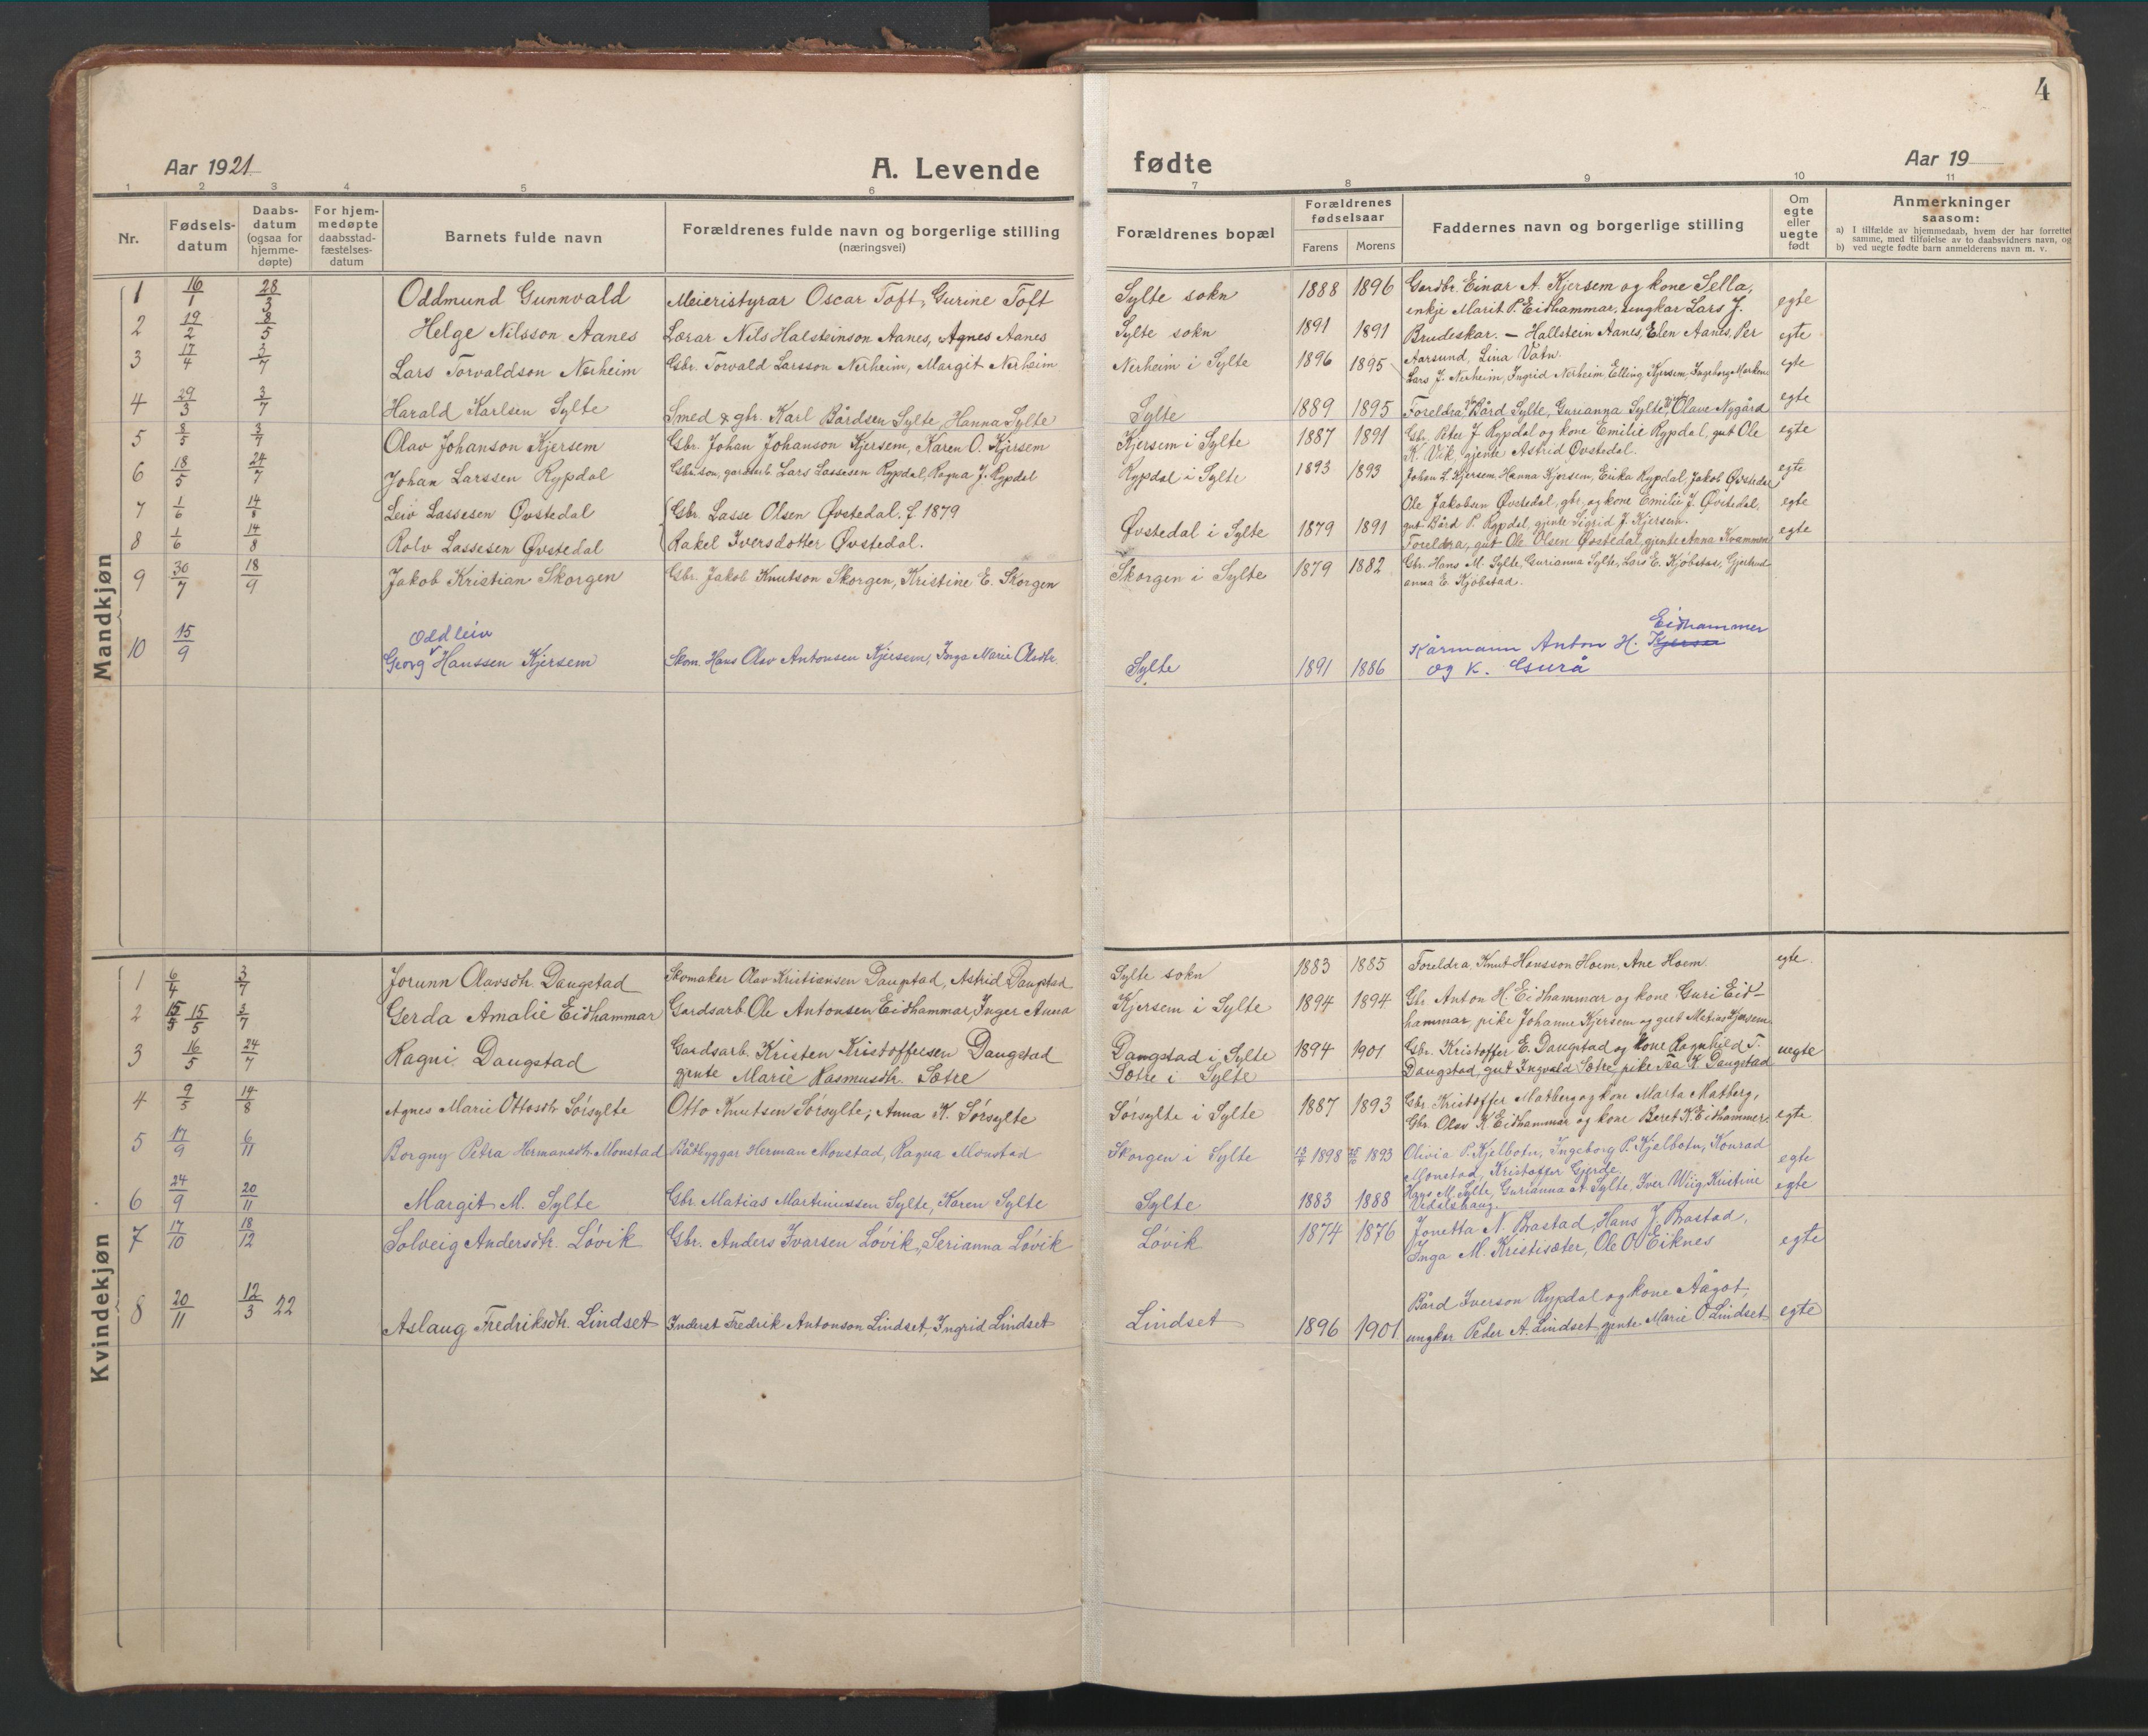 SAT, Ministerialprotokoller, klokkerbøker og fødselsregistre - Møre og Romsdal, 541/L0548: Klokkerbok nr. 541C03, 1921-1960, s. 4